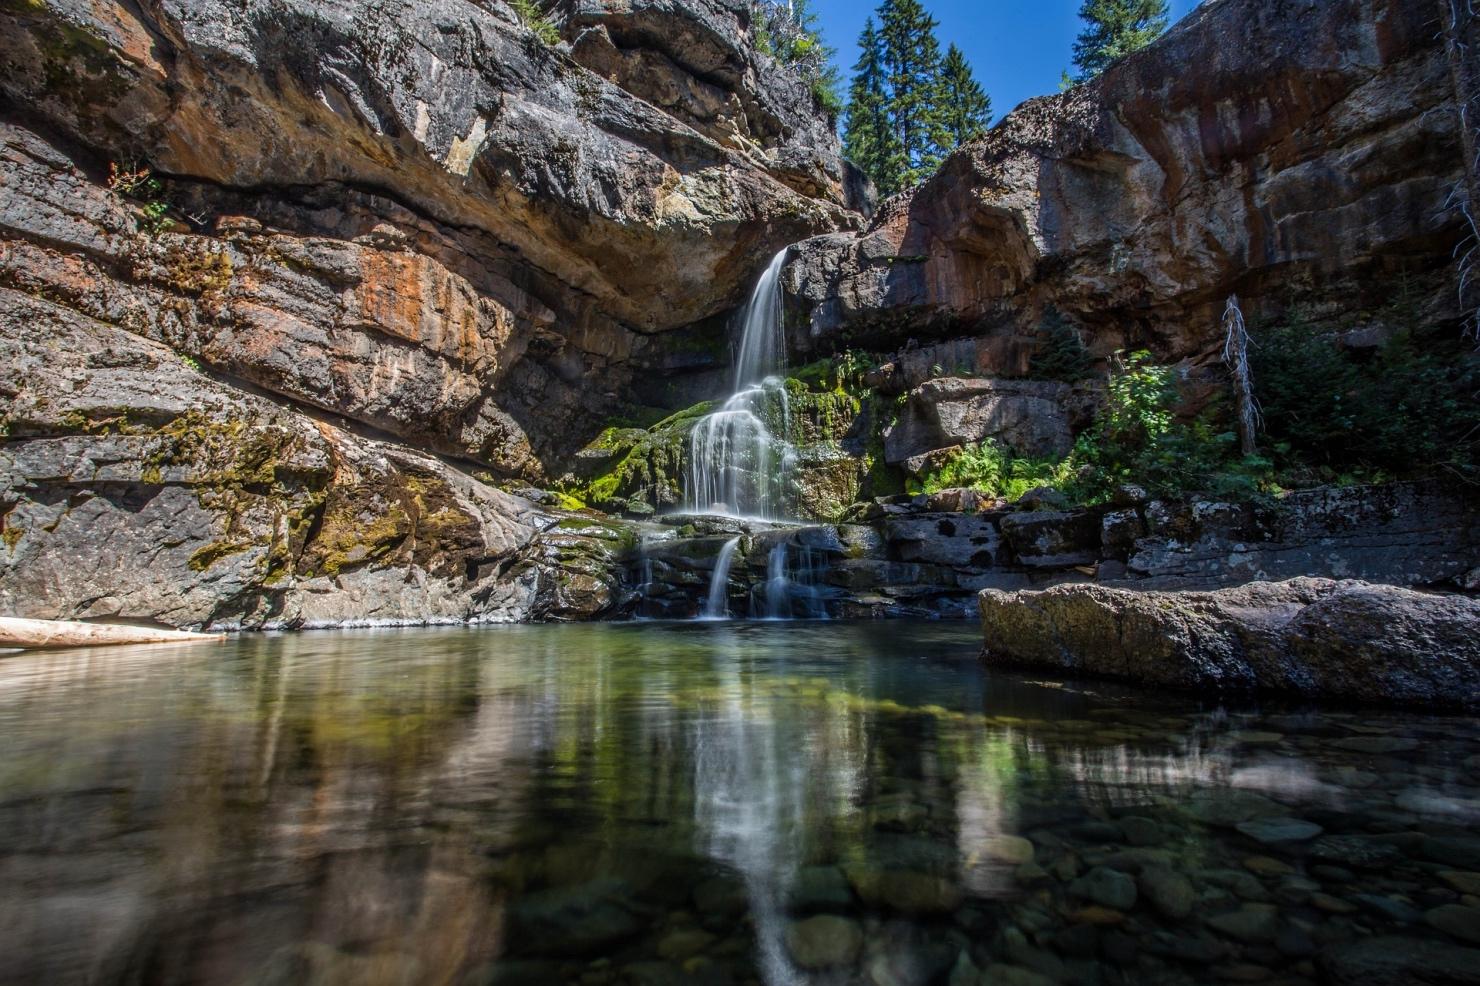 渓谷の滝と小川の写真